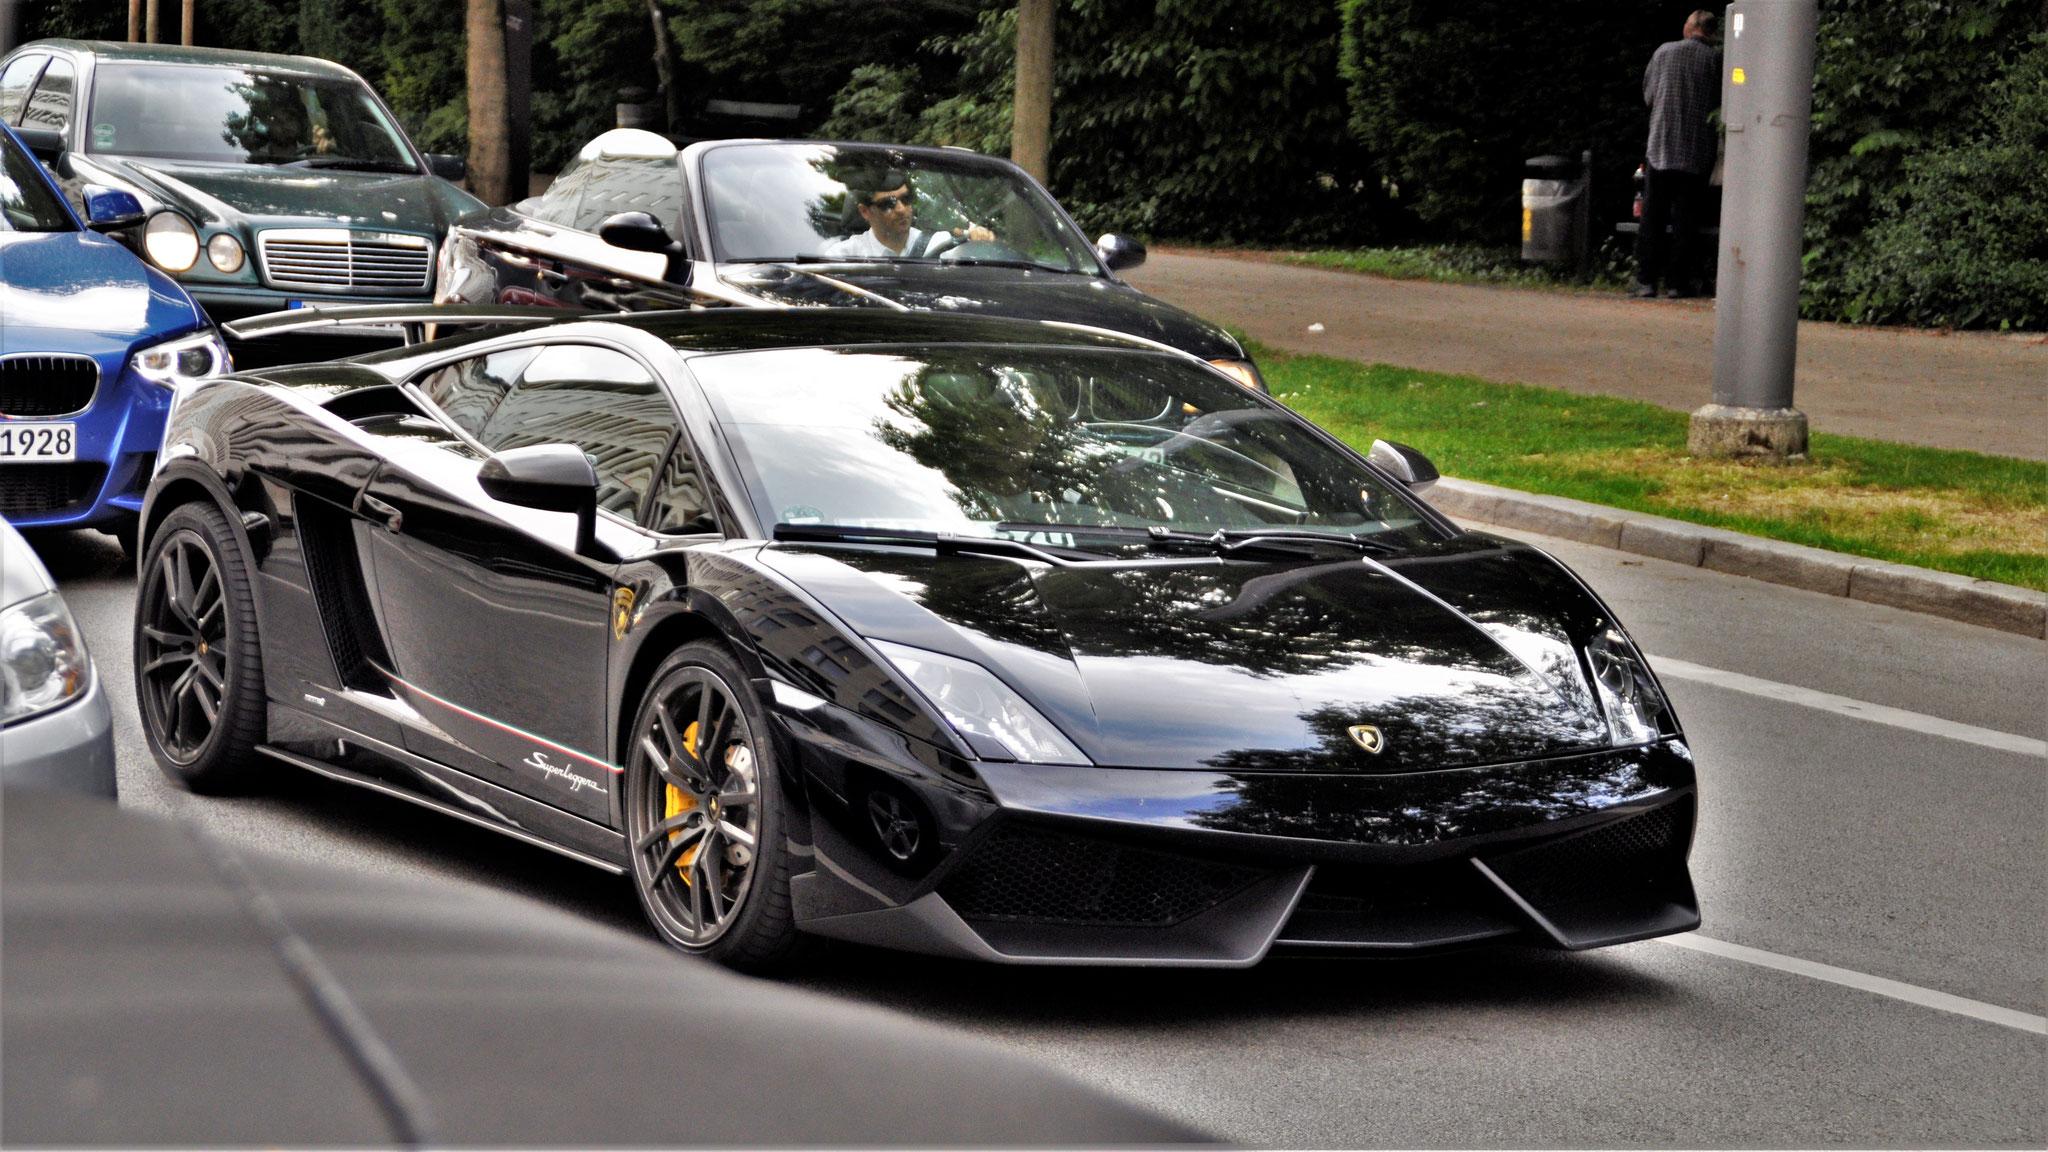 Lamborghini Gallardo Superleggera - ED-X-570